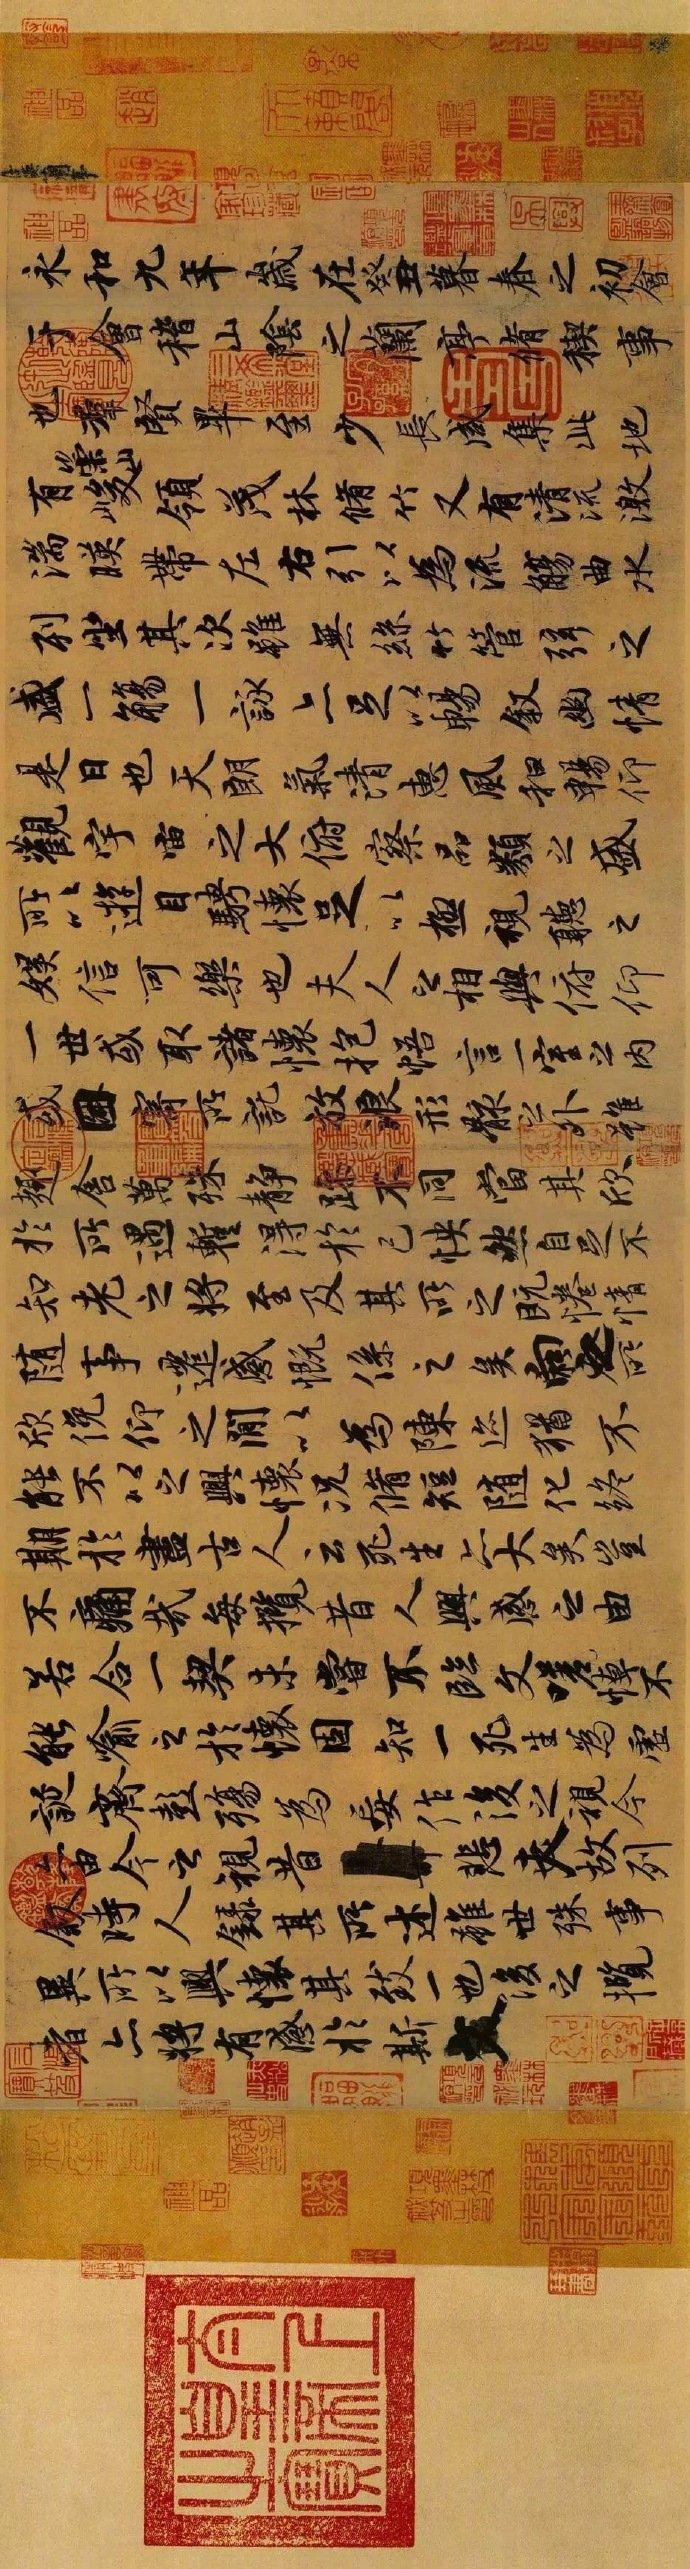 中国书法史上 最珍贵的 九大长卷,精彩至极。